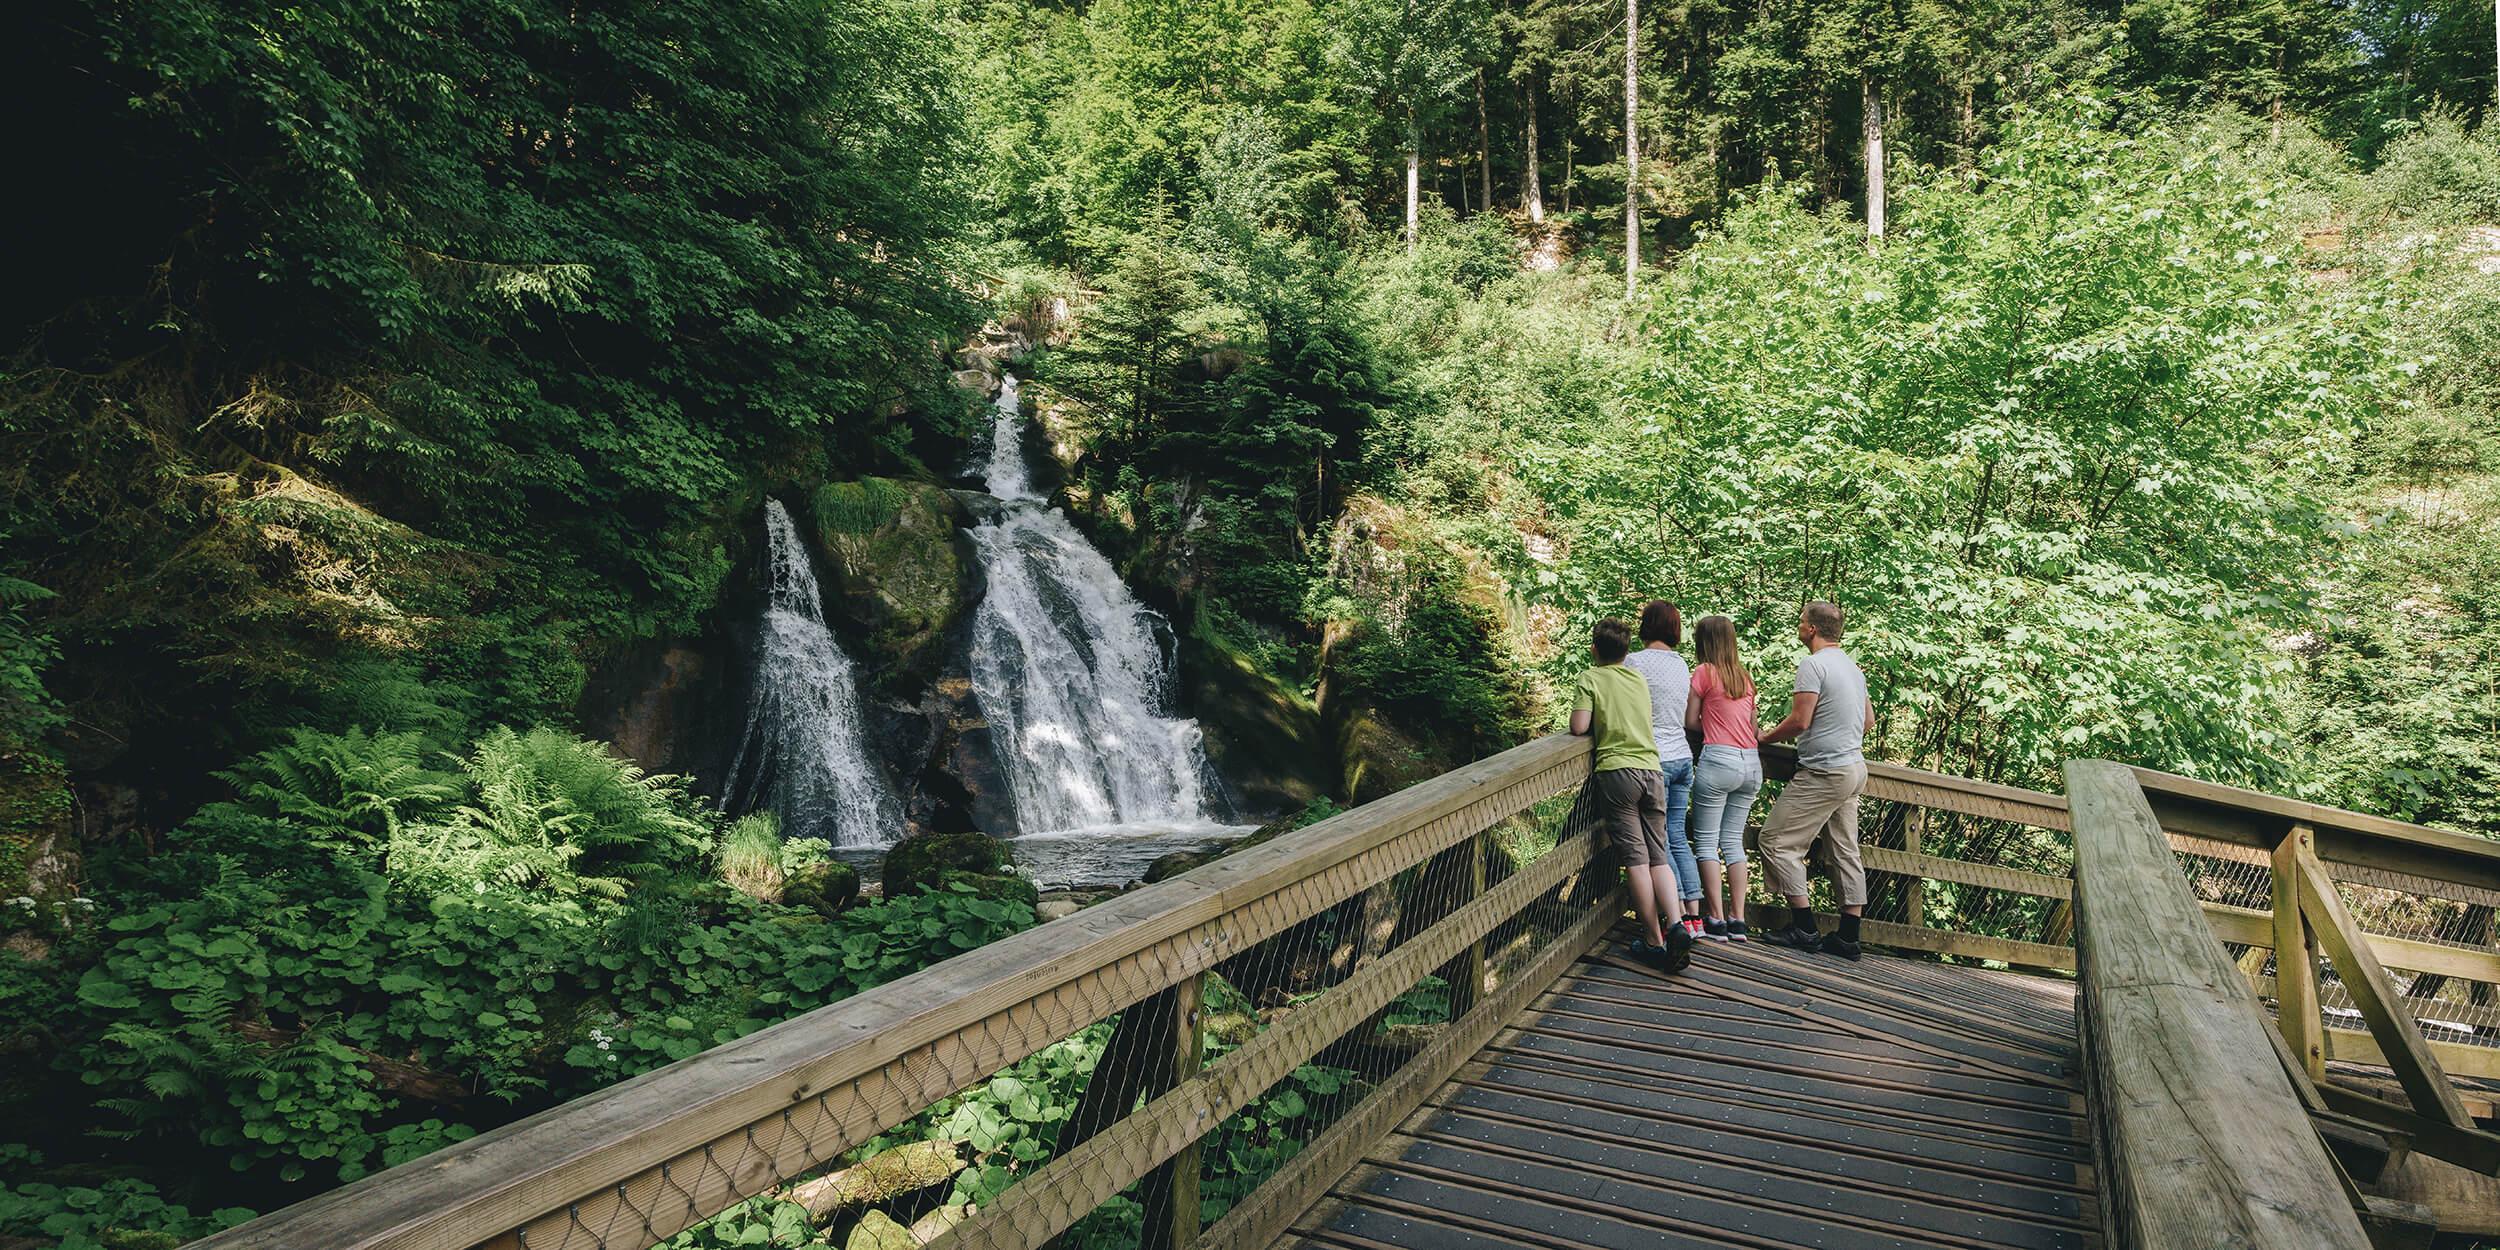 Naturbeobachtung Wasserfall